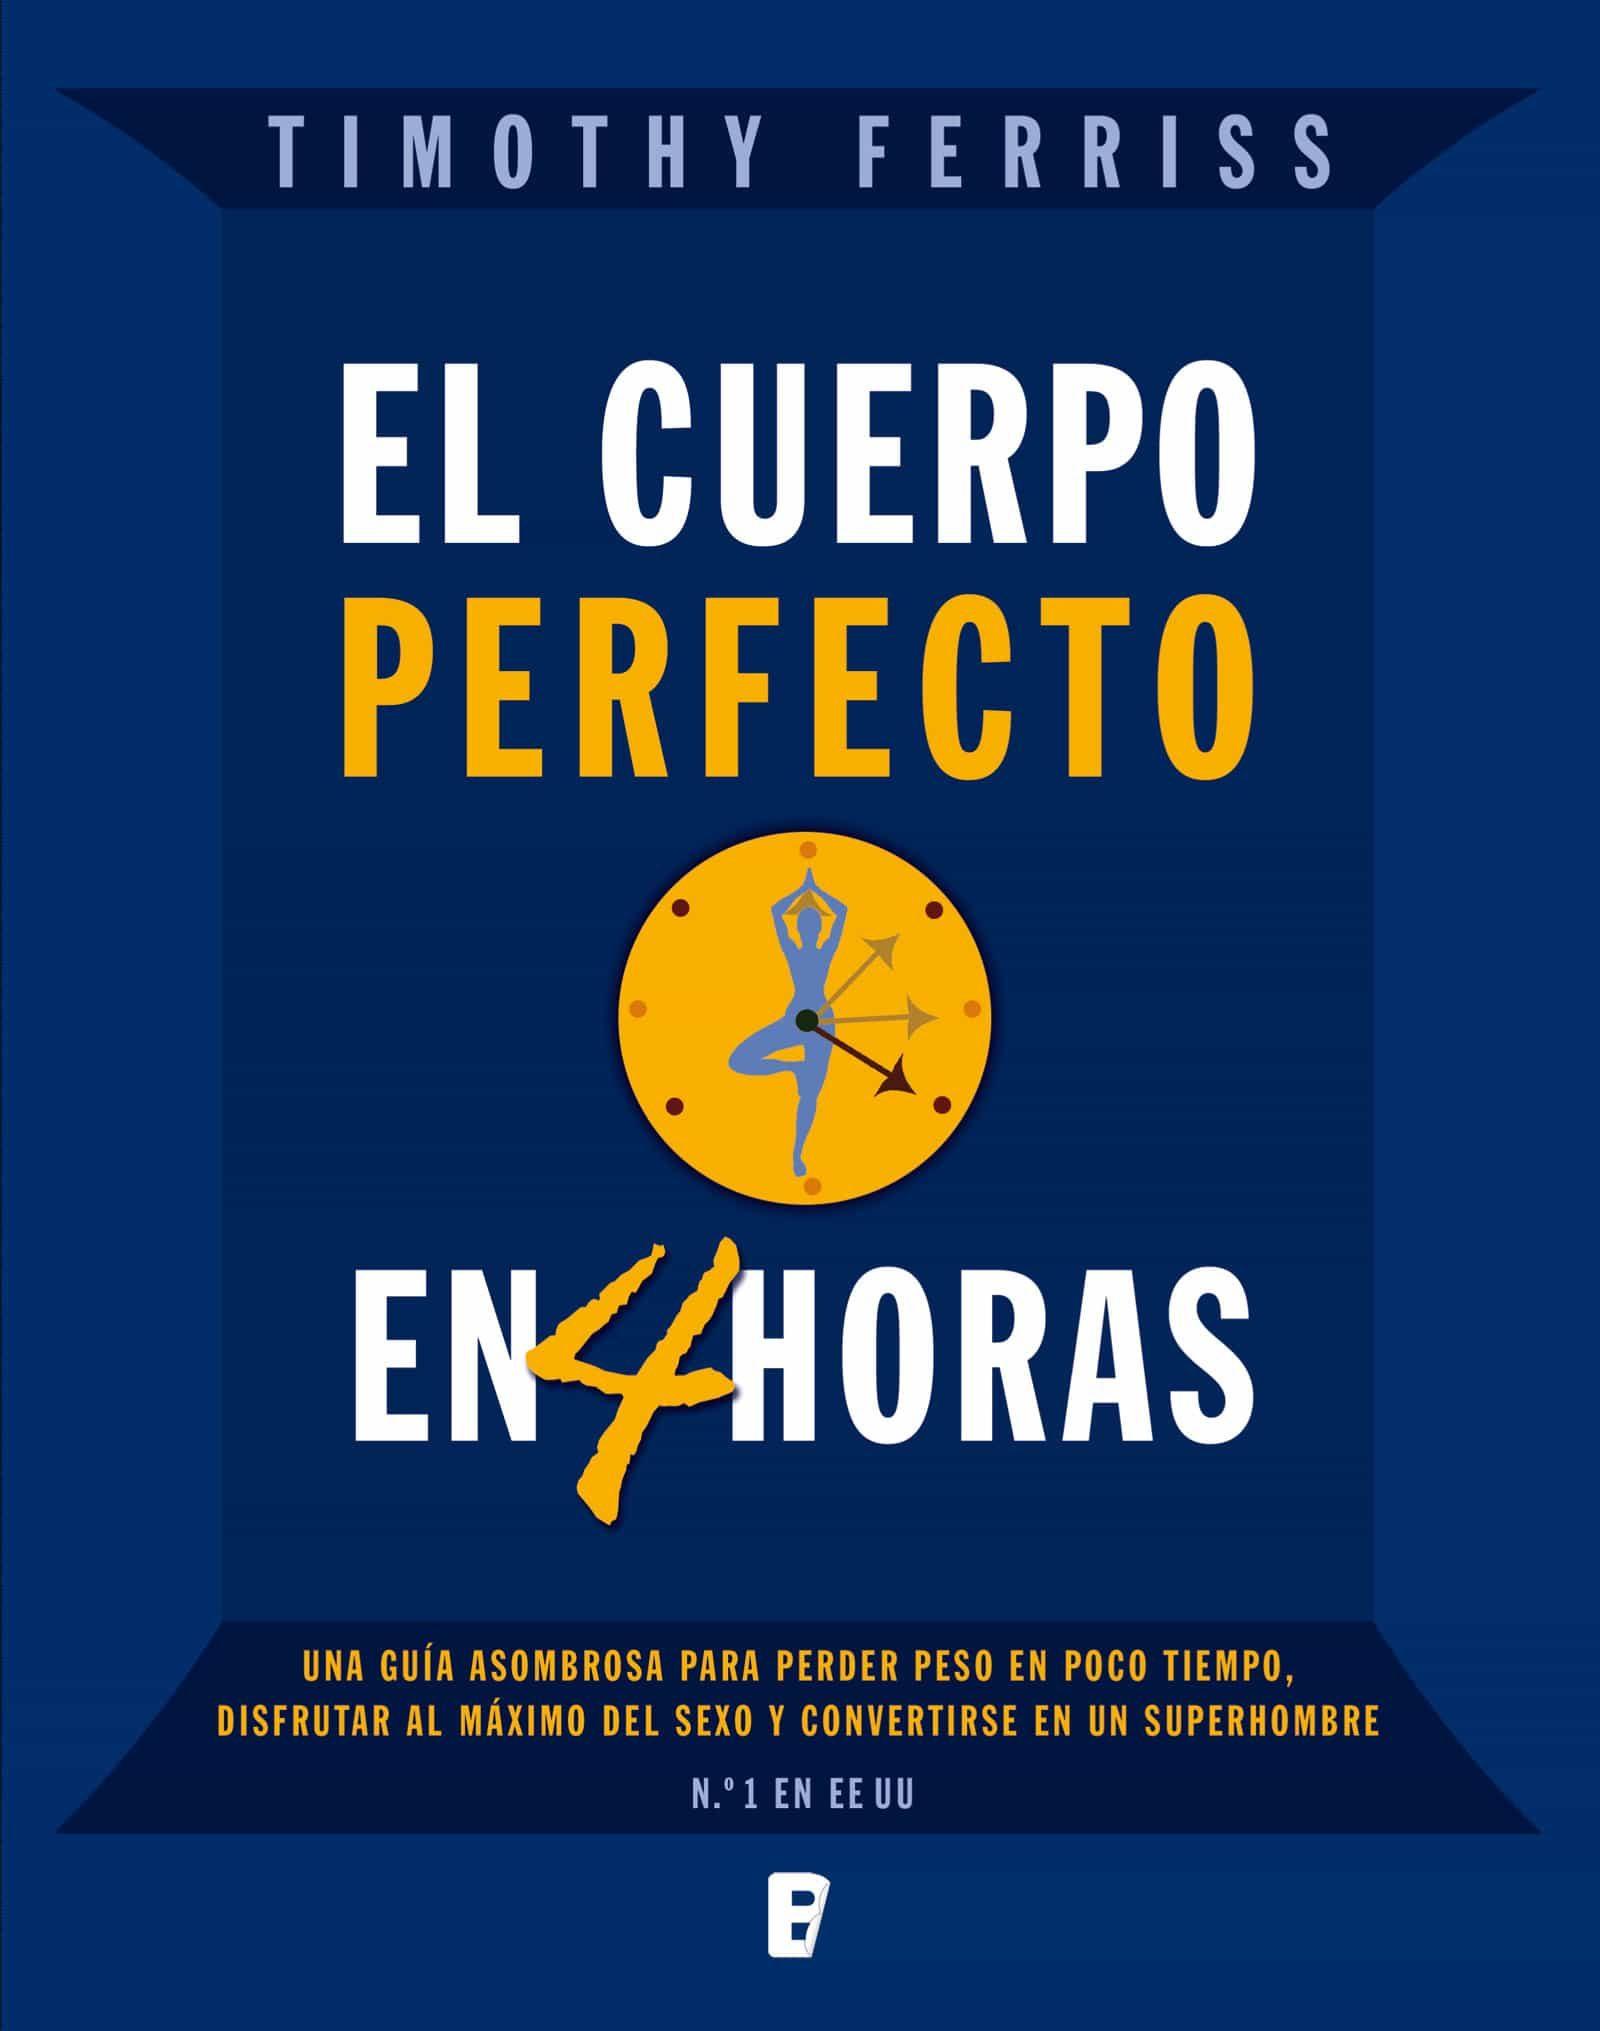 El Cuerpo Perfecto En Cuatro Horas   por Timothy Ferriss